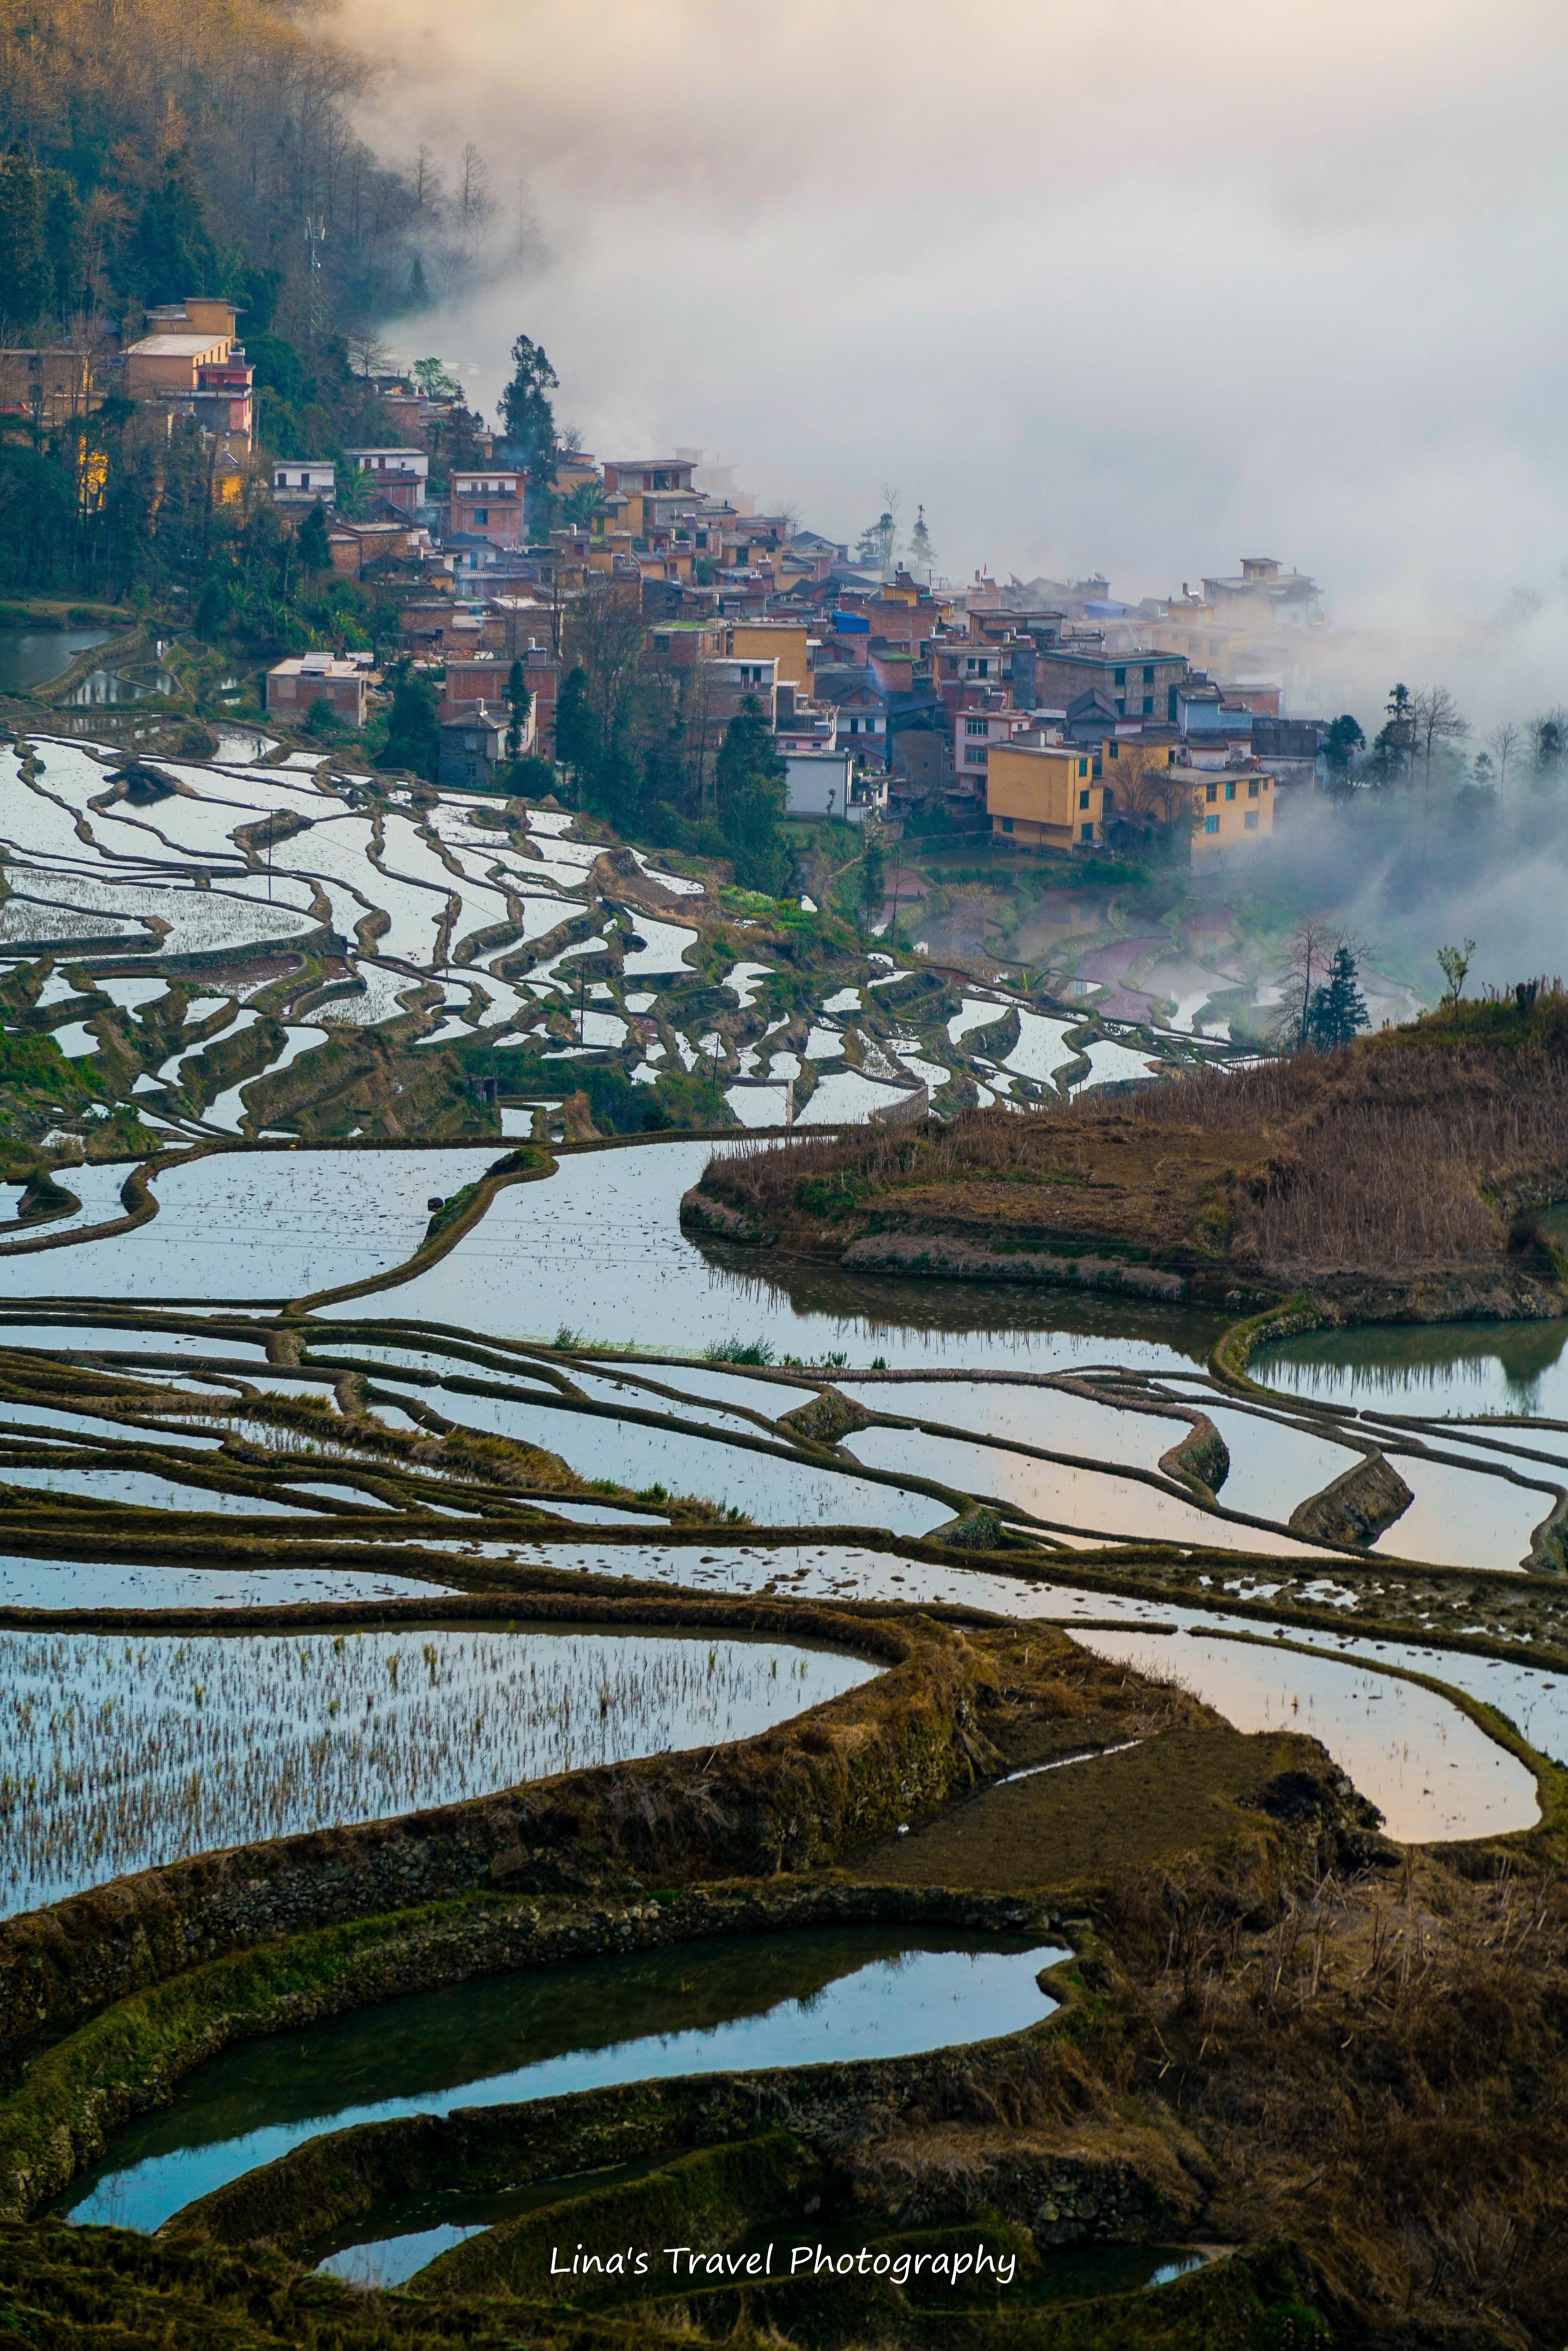 Village at Duoyishu a misty morning in sunset, Yuanyang, Yunnan, China